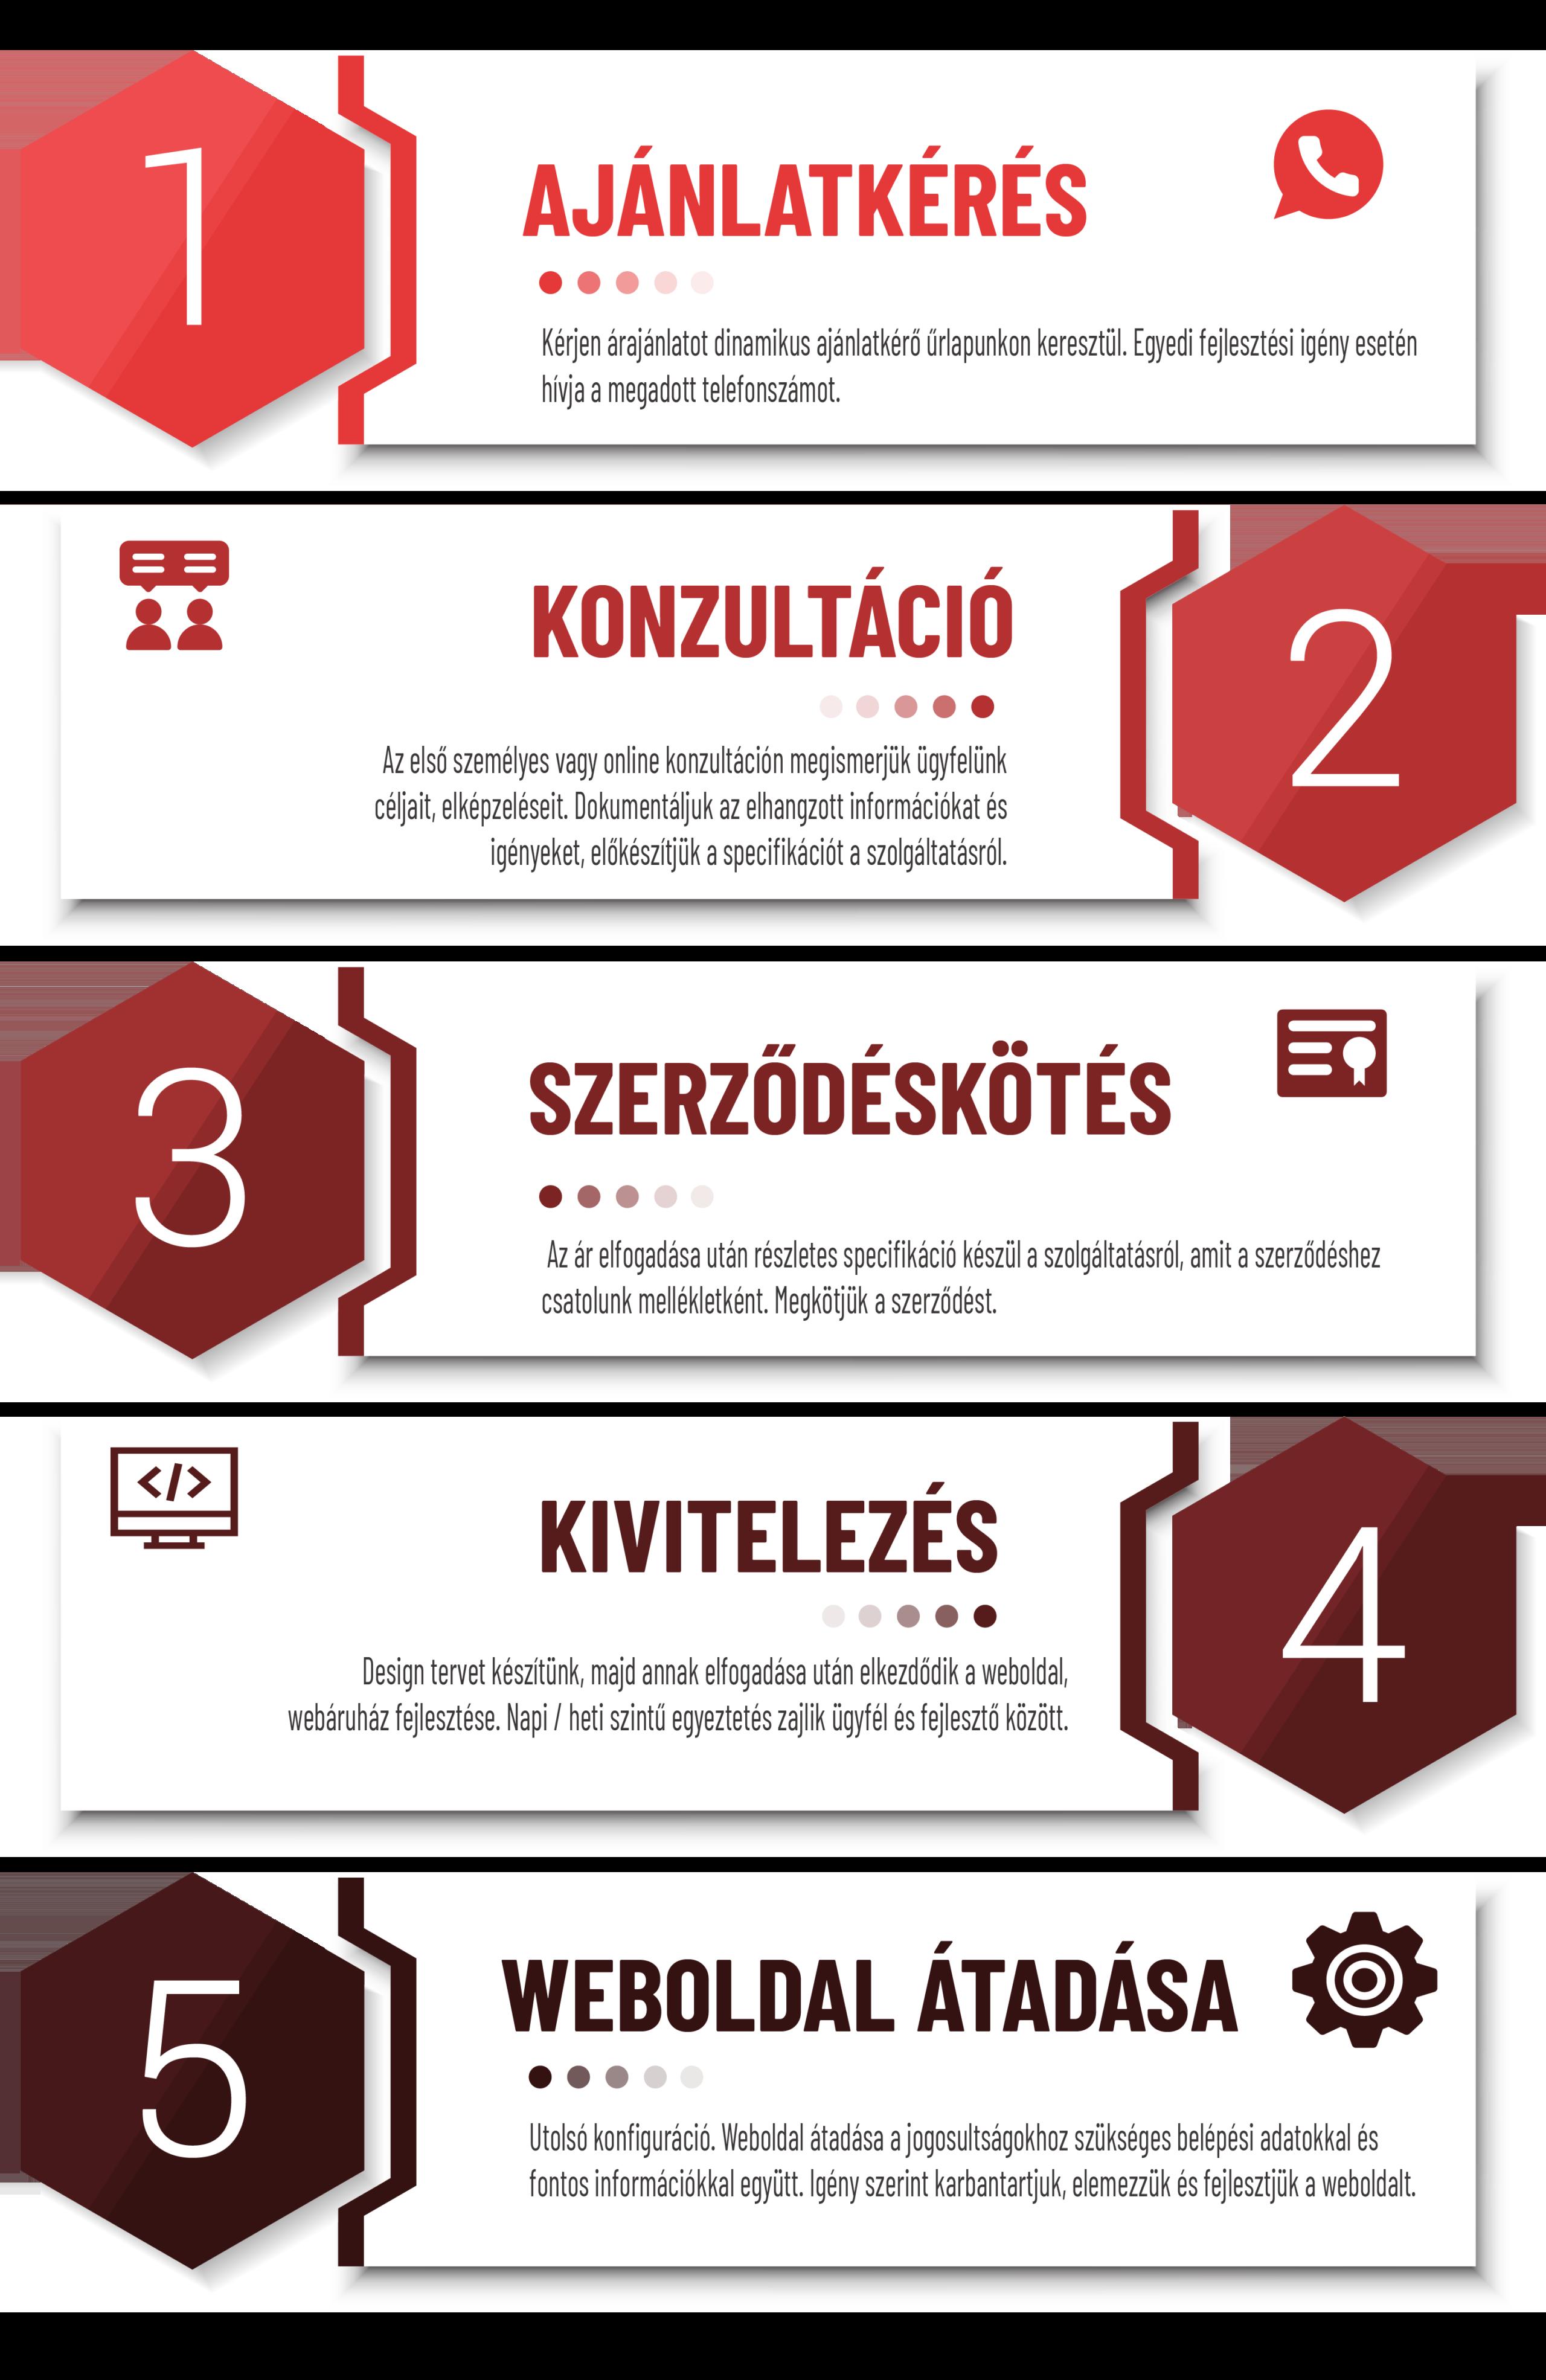 Weboldal ajánlatkérés infografika